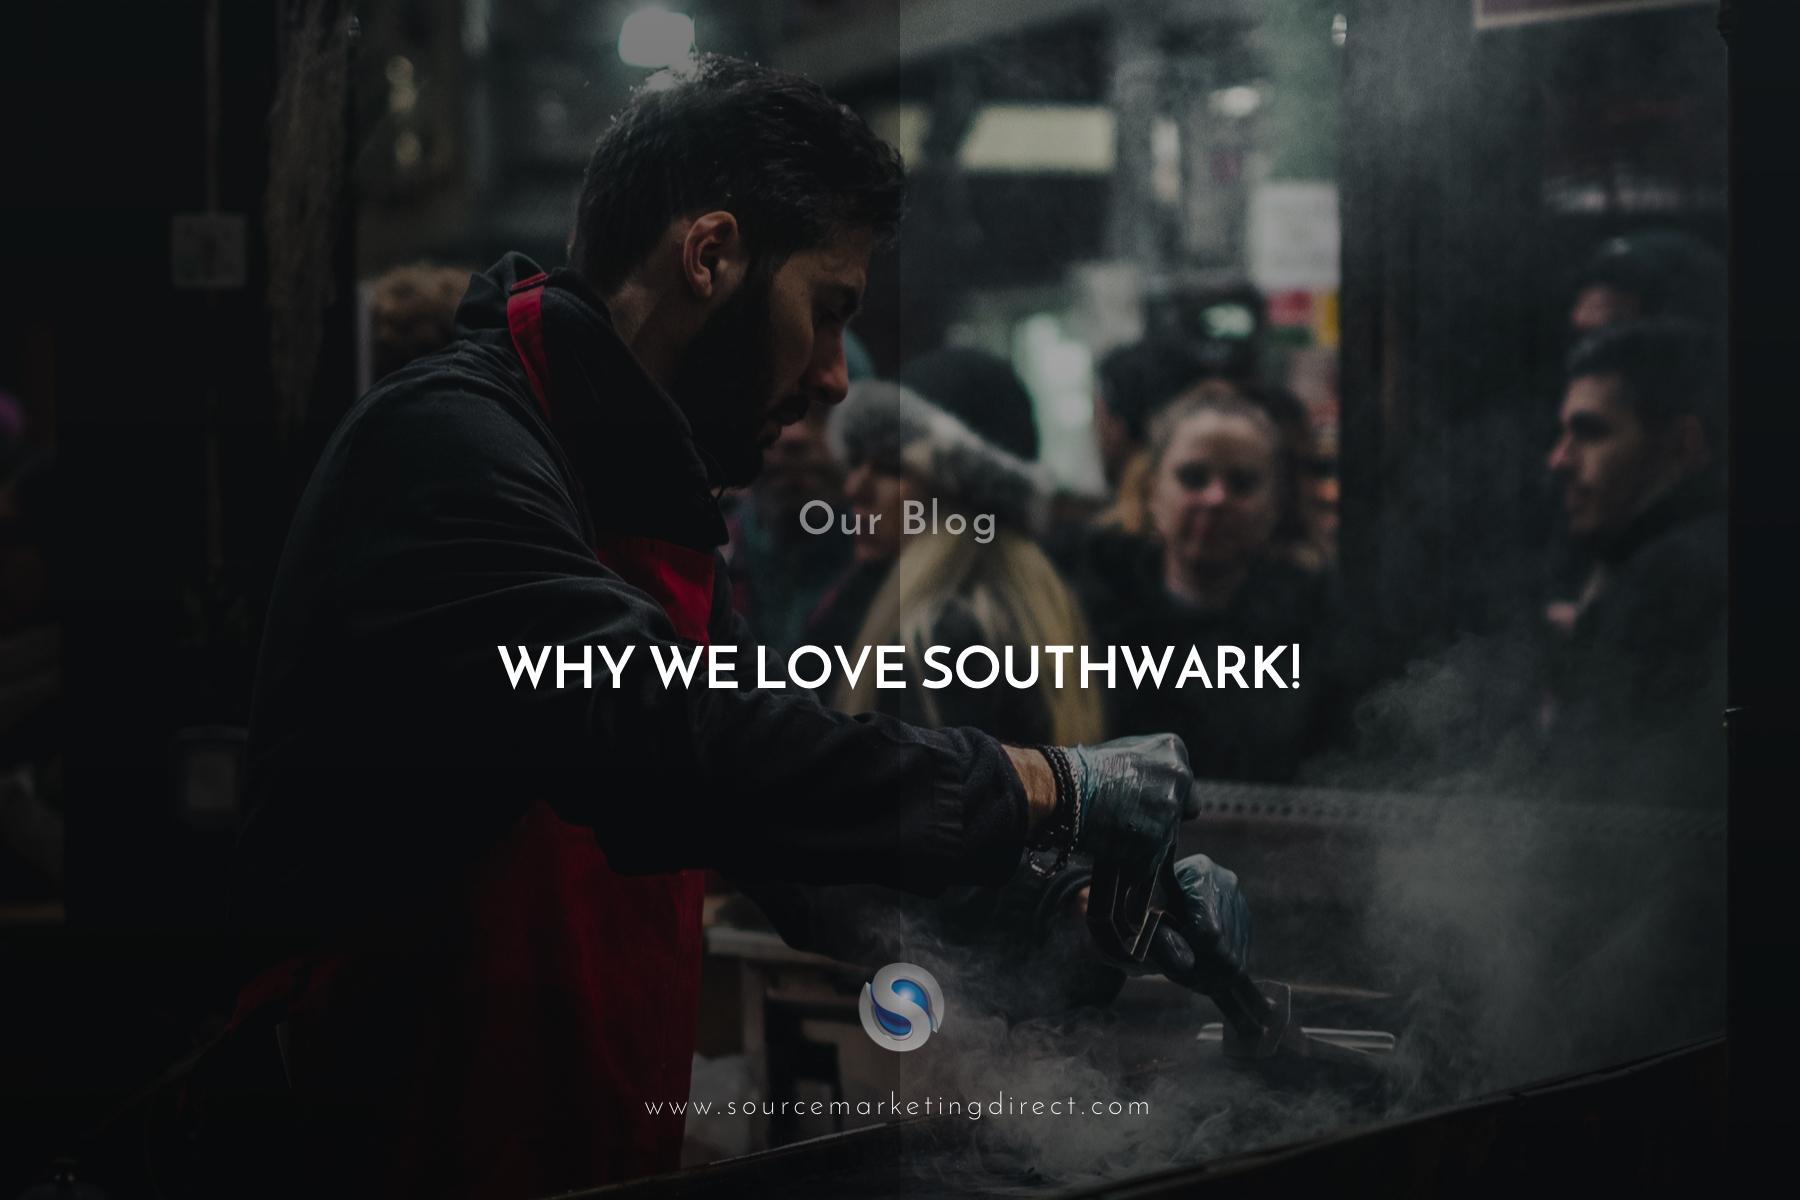 smd_southwark